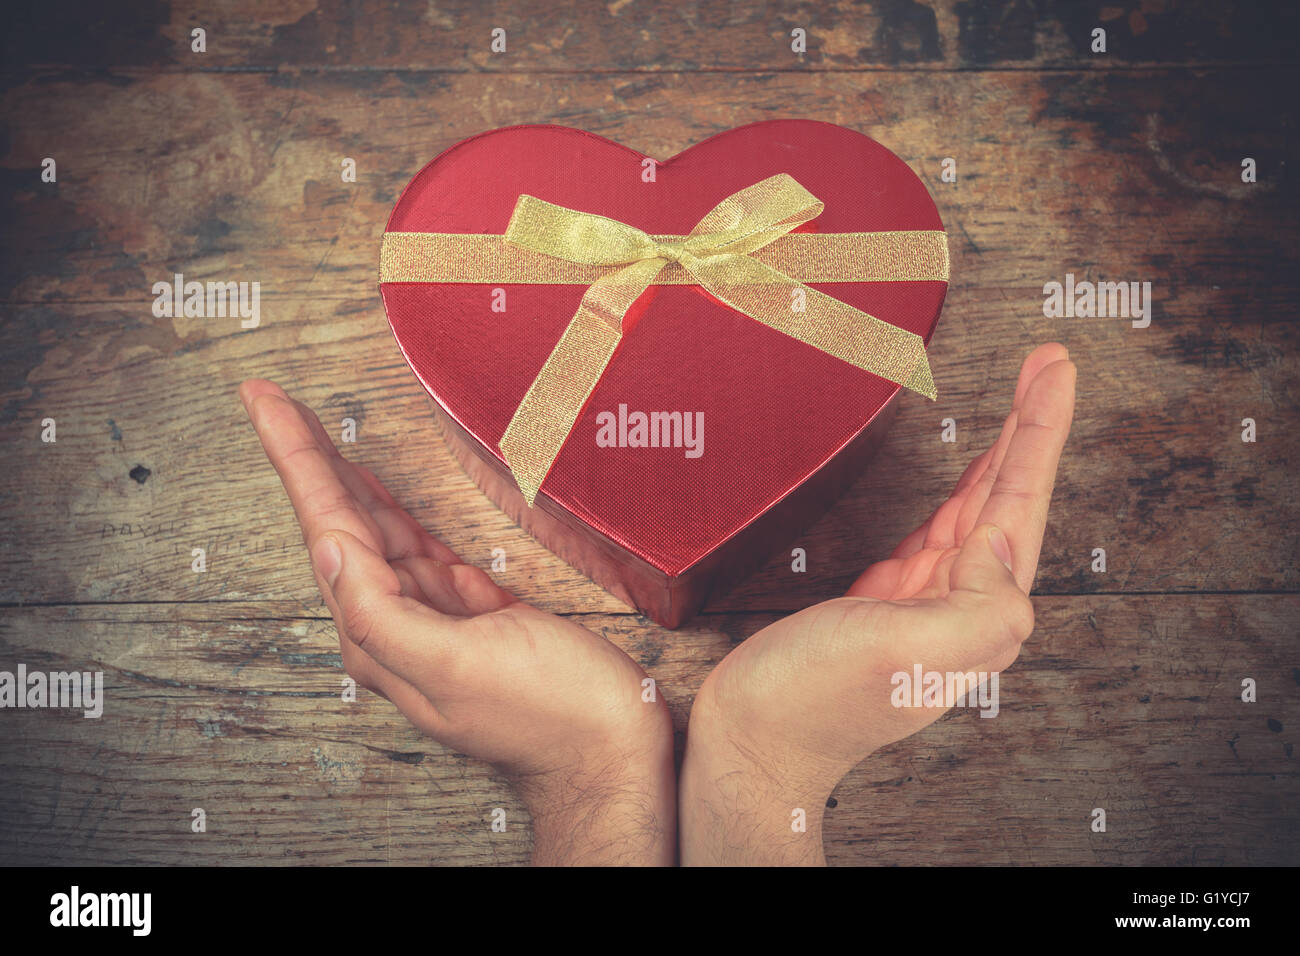 Un hombre de las manos descansan sobre una superficie de madera con una caja en forma de corazón Imagen De Stock